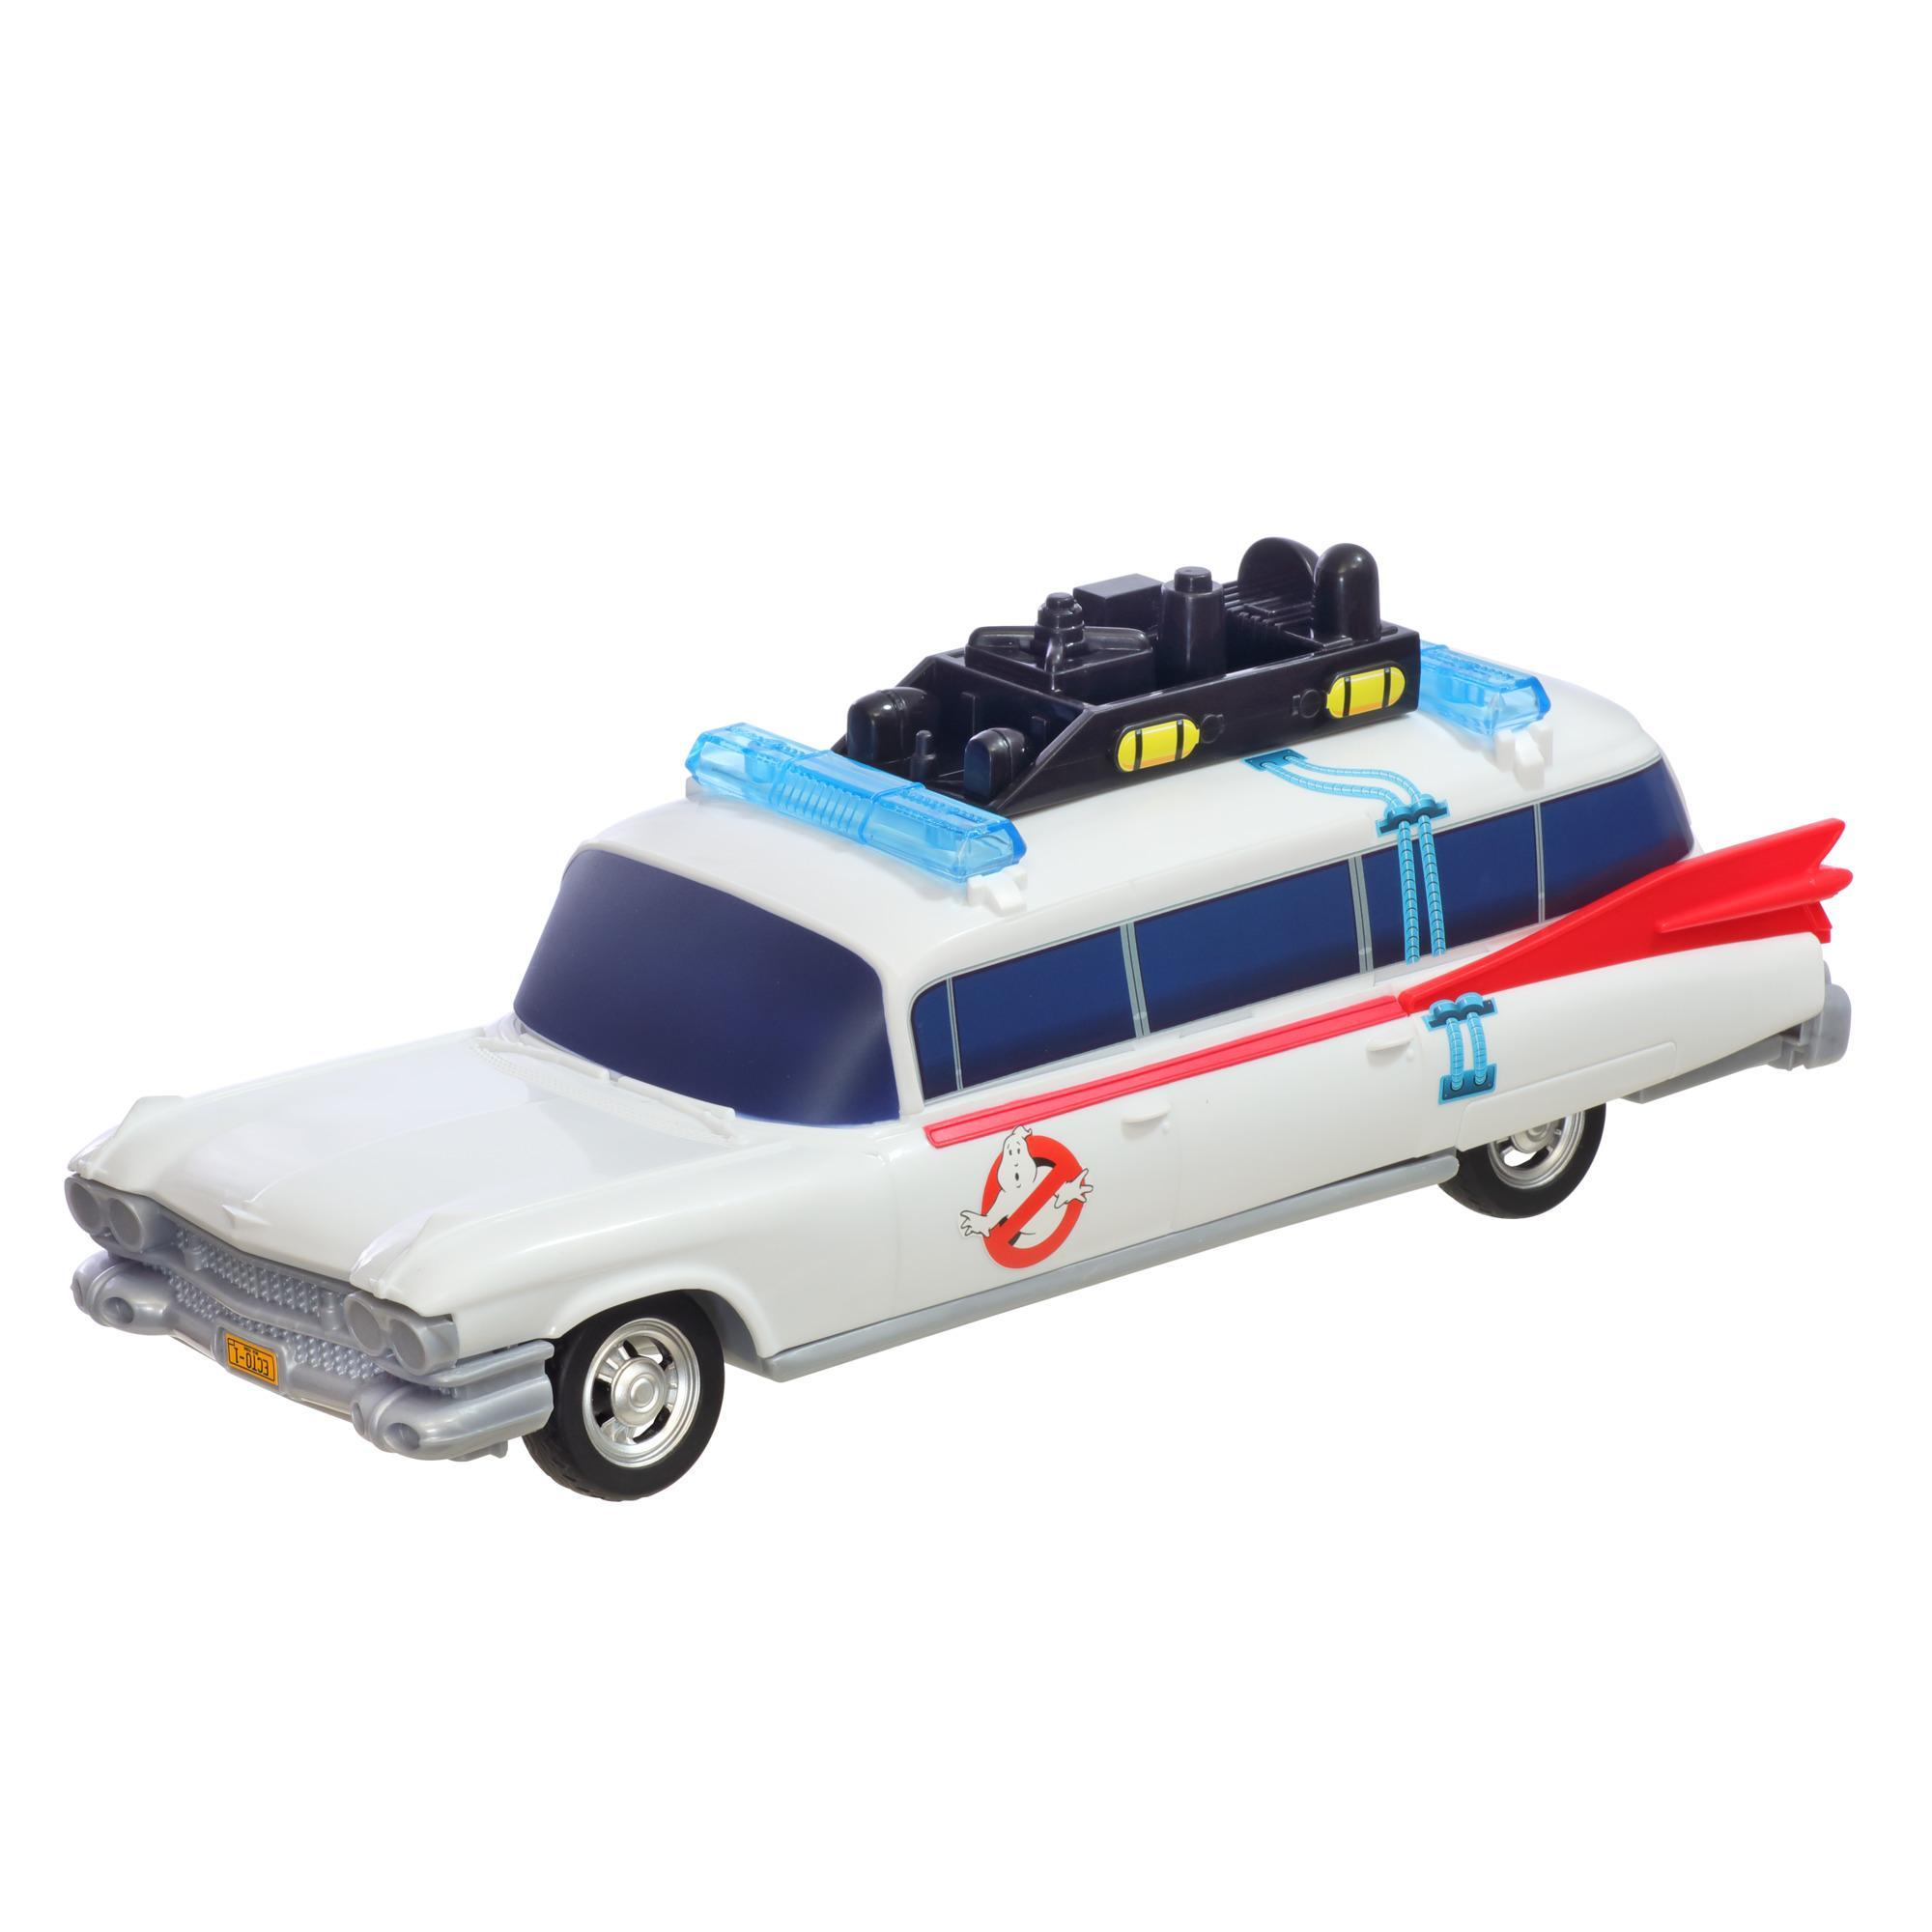 Ghostbusters Ecto-1 Fahrzeug Titan Rust